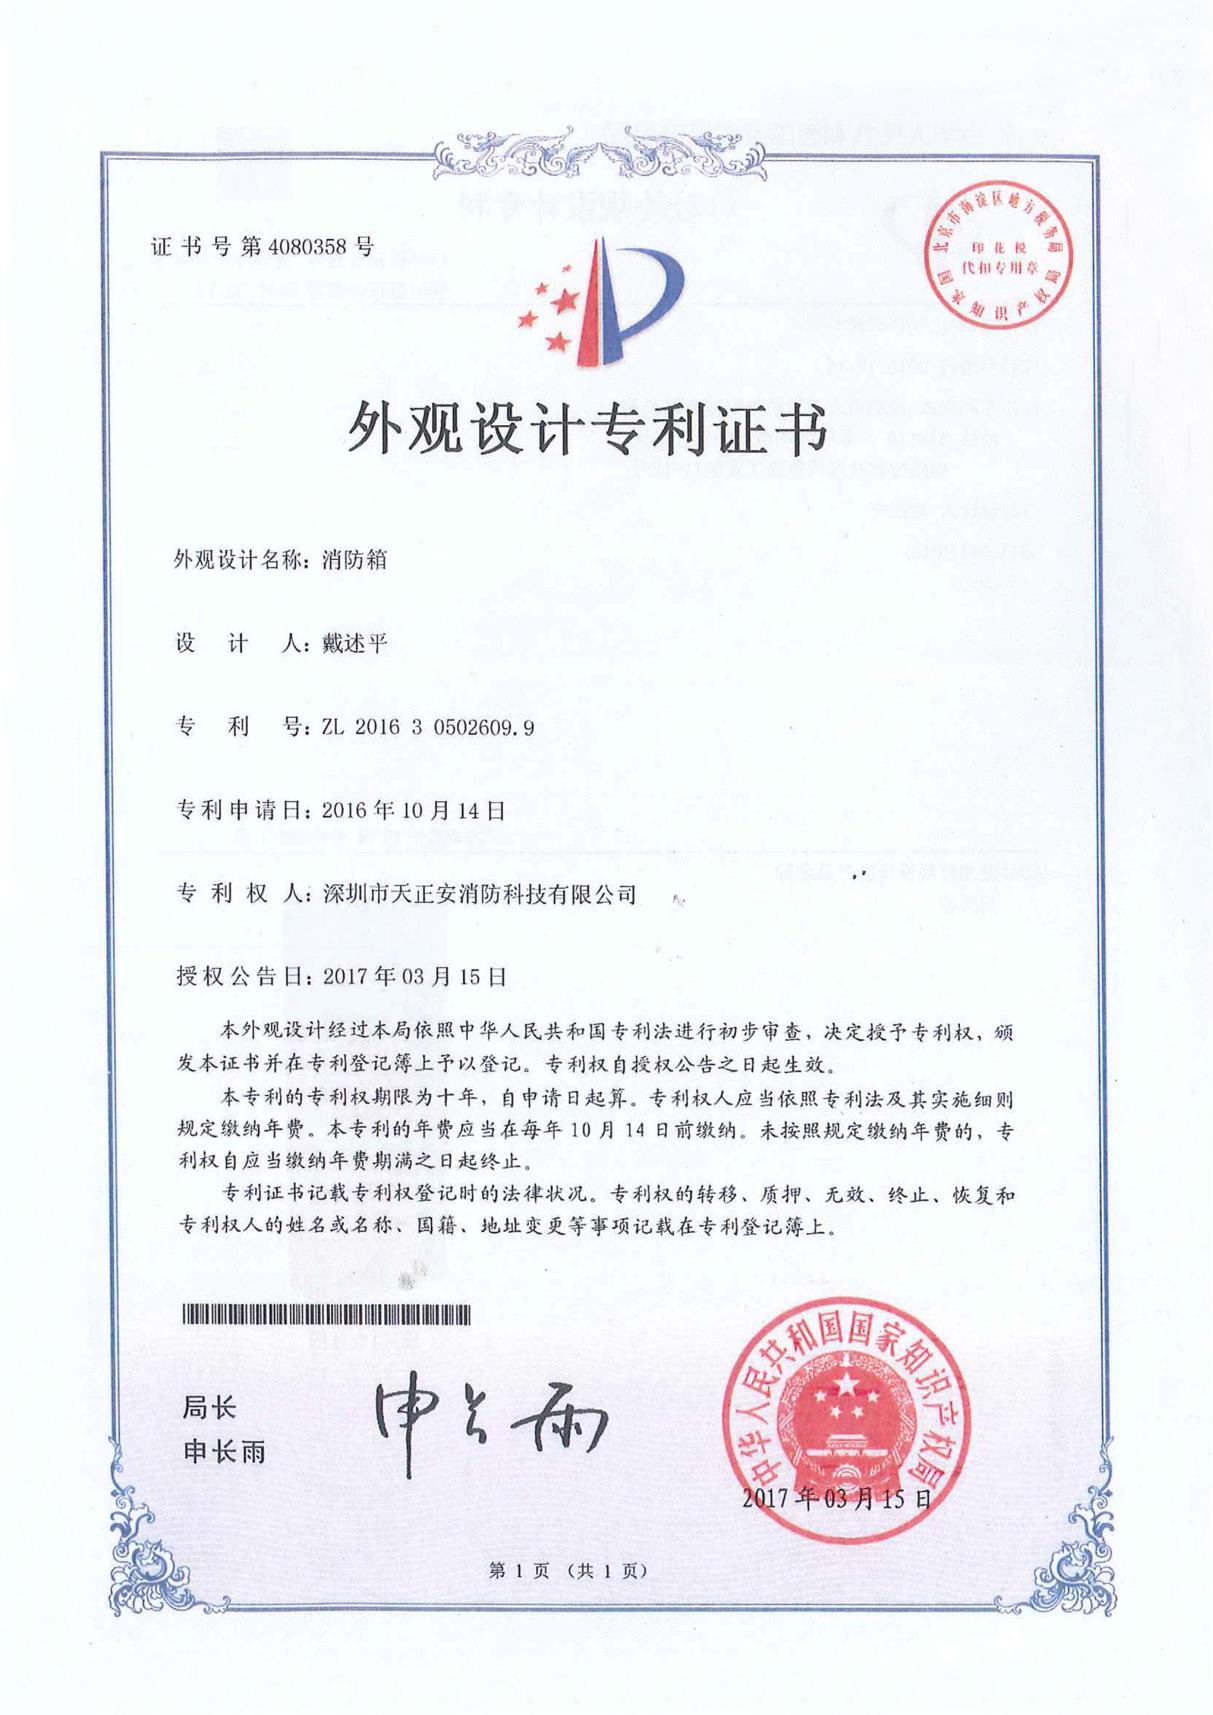 天正安消防资质文件2018-11